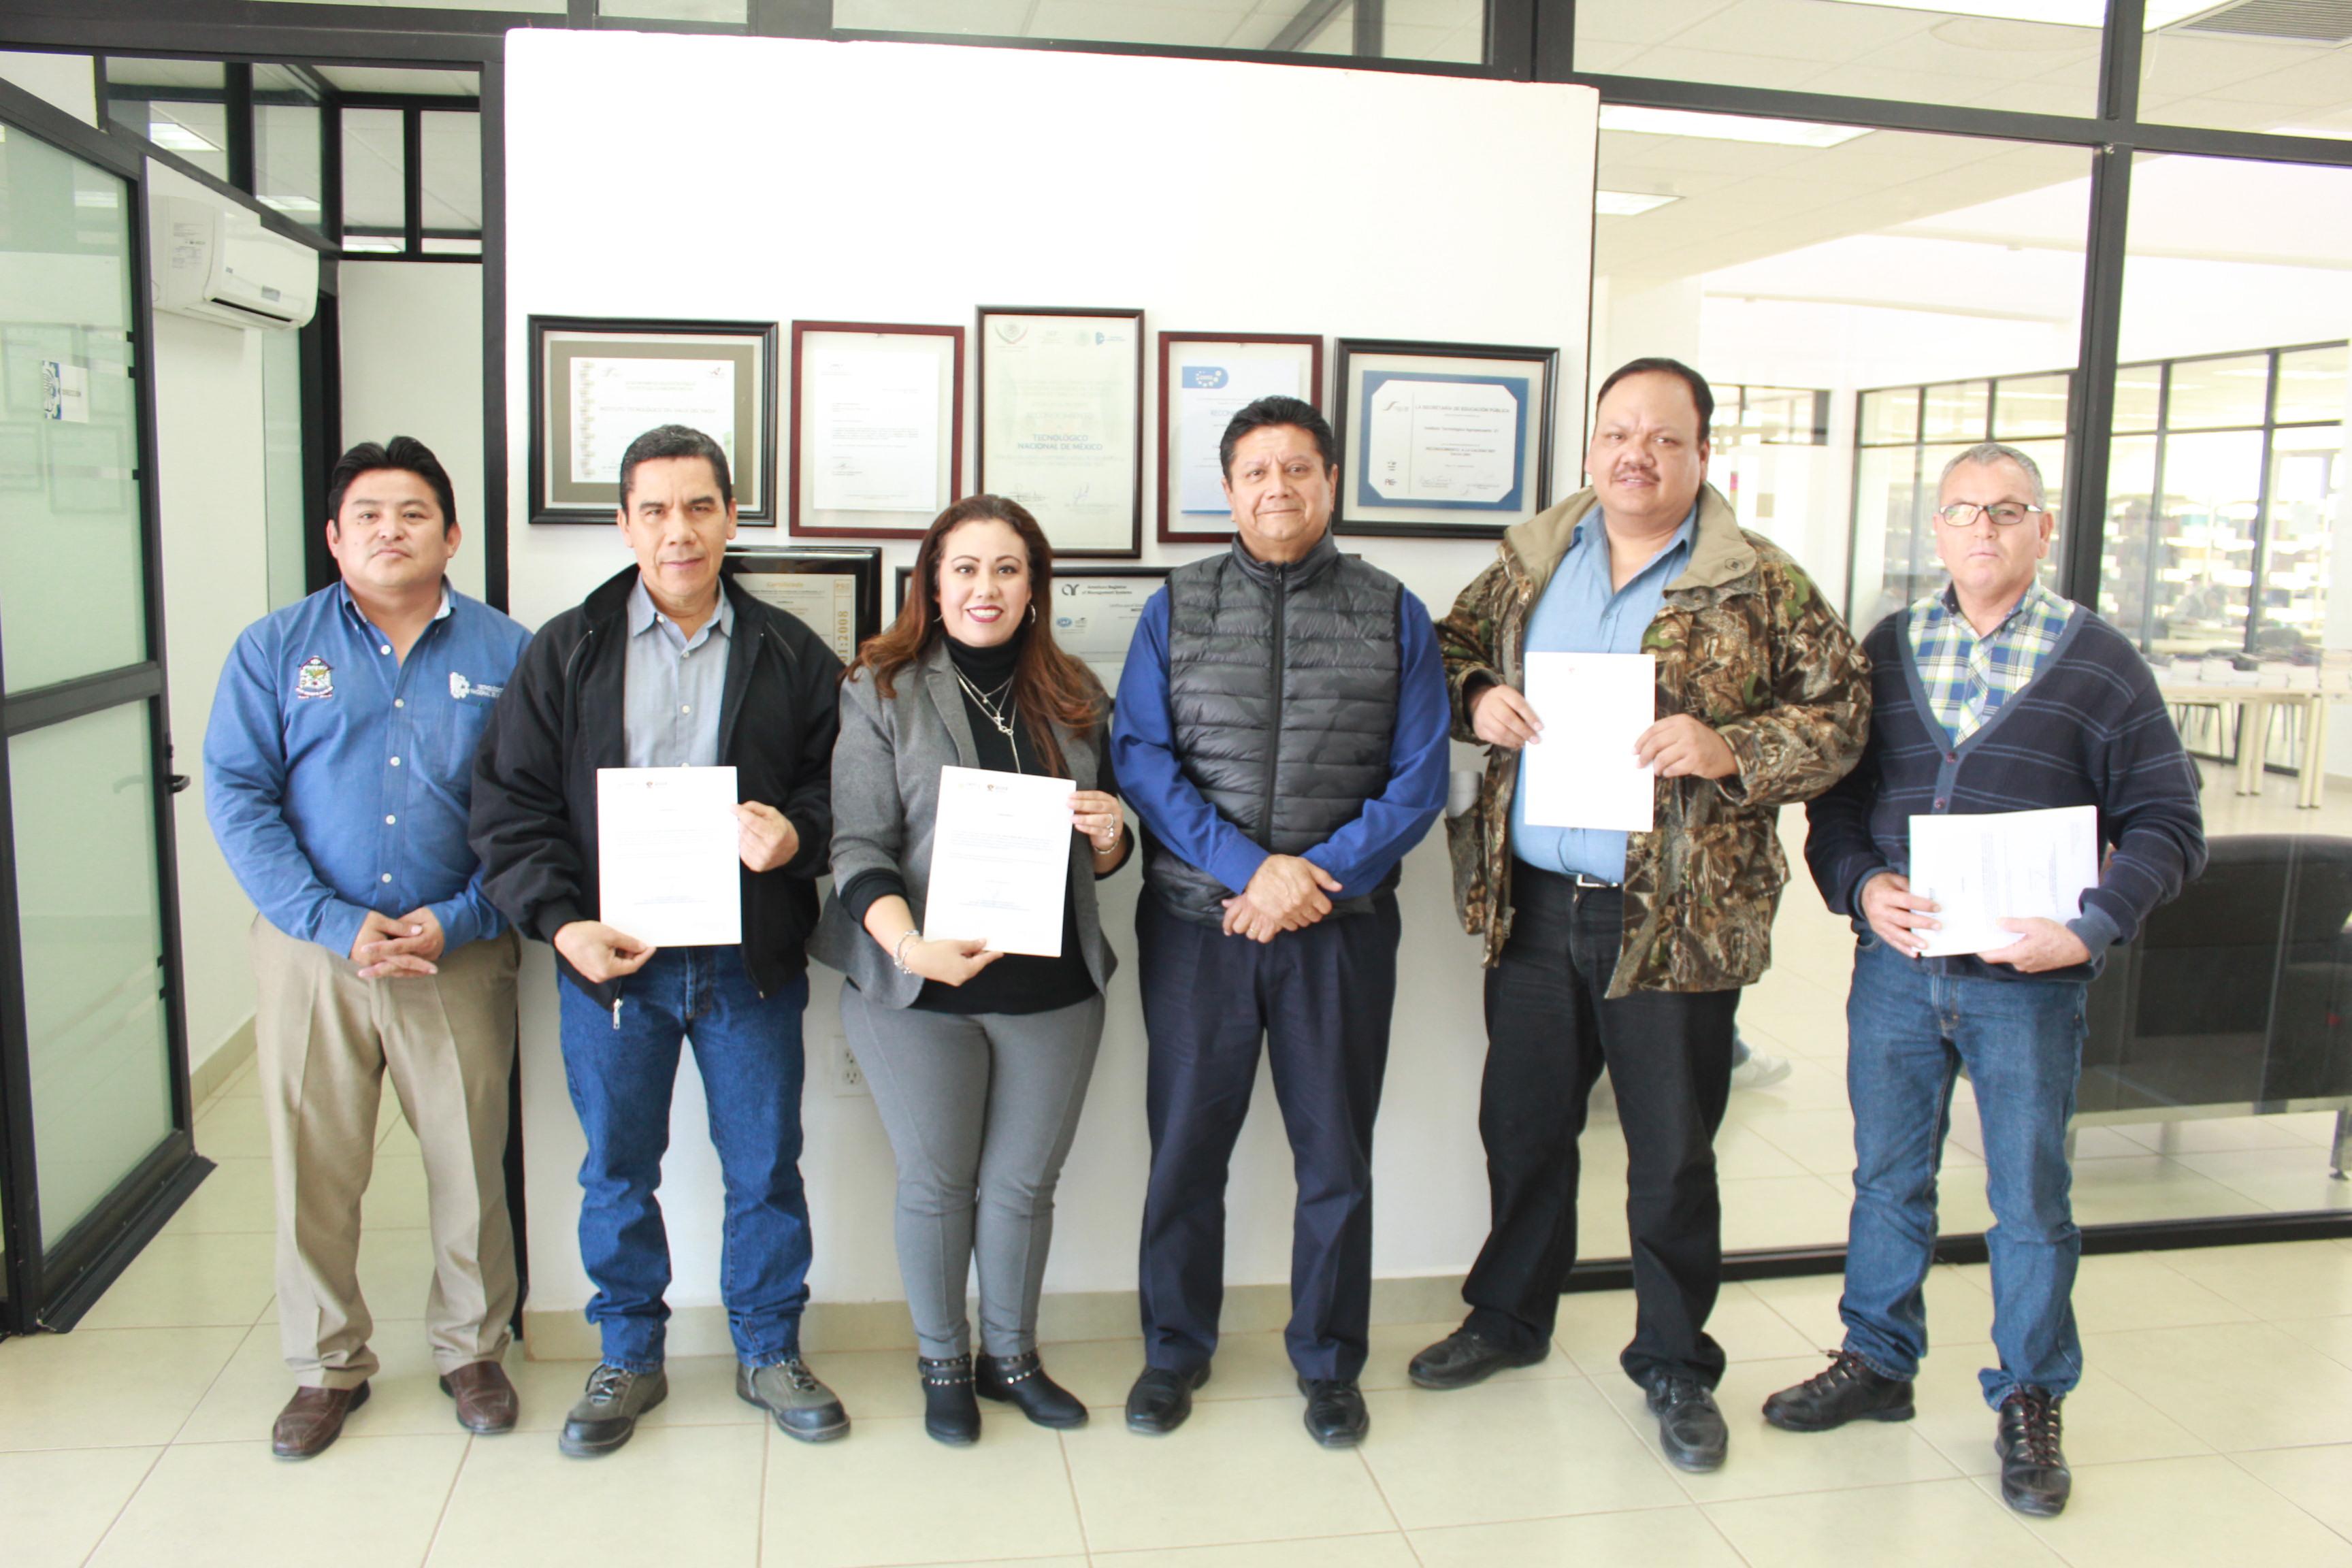 Capacita TecNM a grupos indígenas de Sonora en proyectos productivos